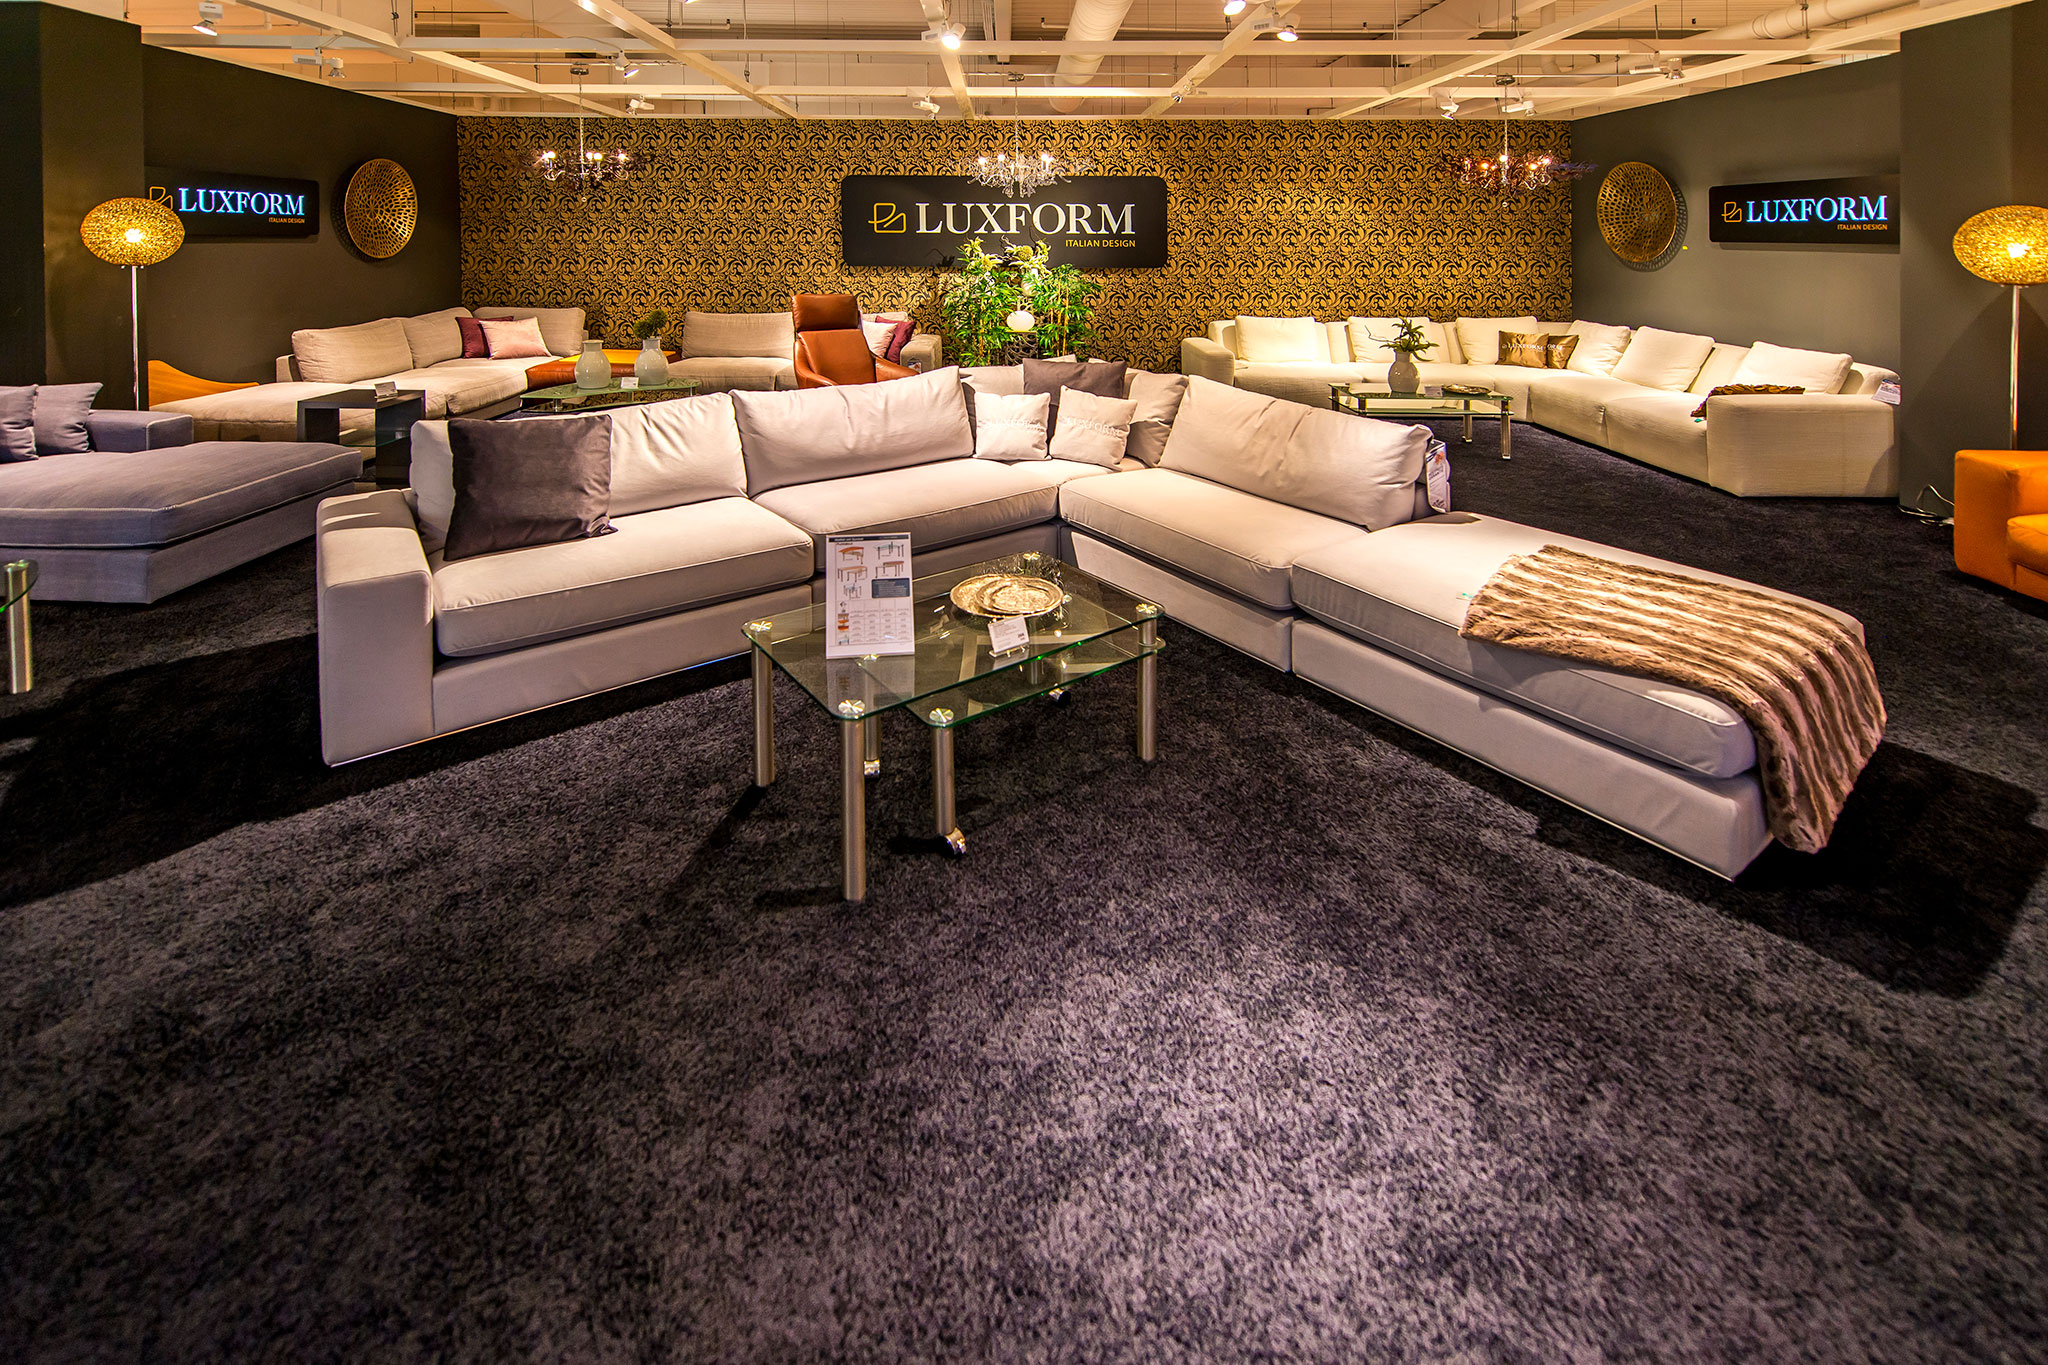 haus garten in hamburg 21 40 ergebnisse von. Black Bedroom Furniture Sets. Home Design Ideas